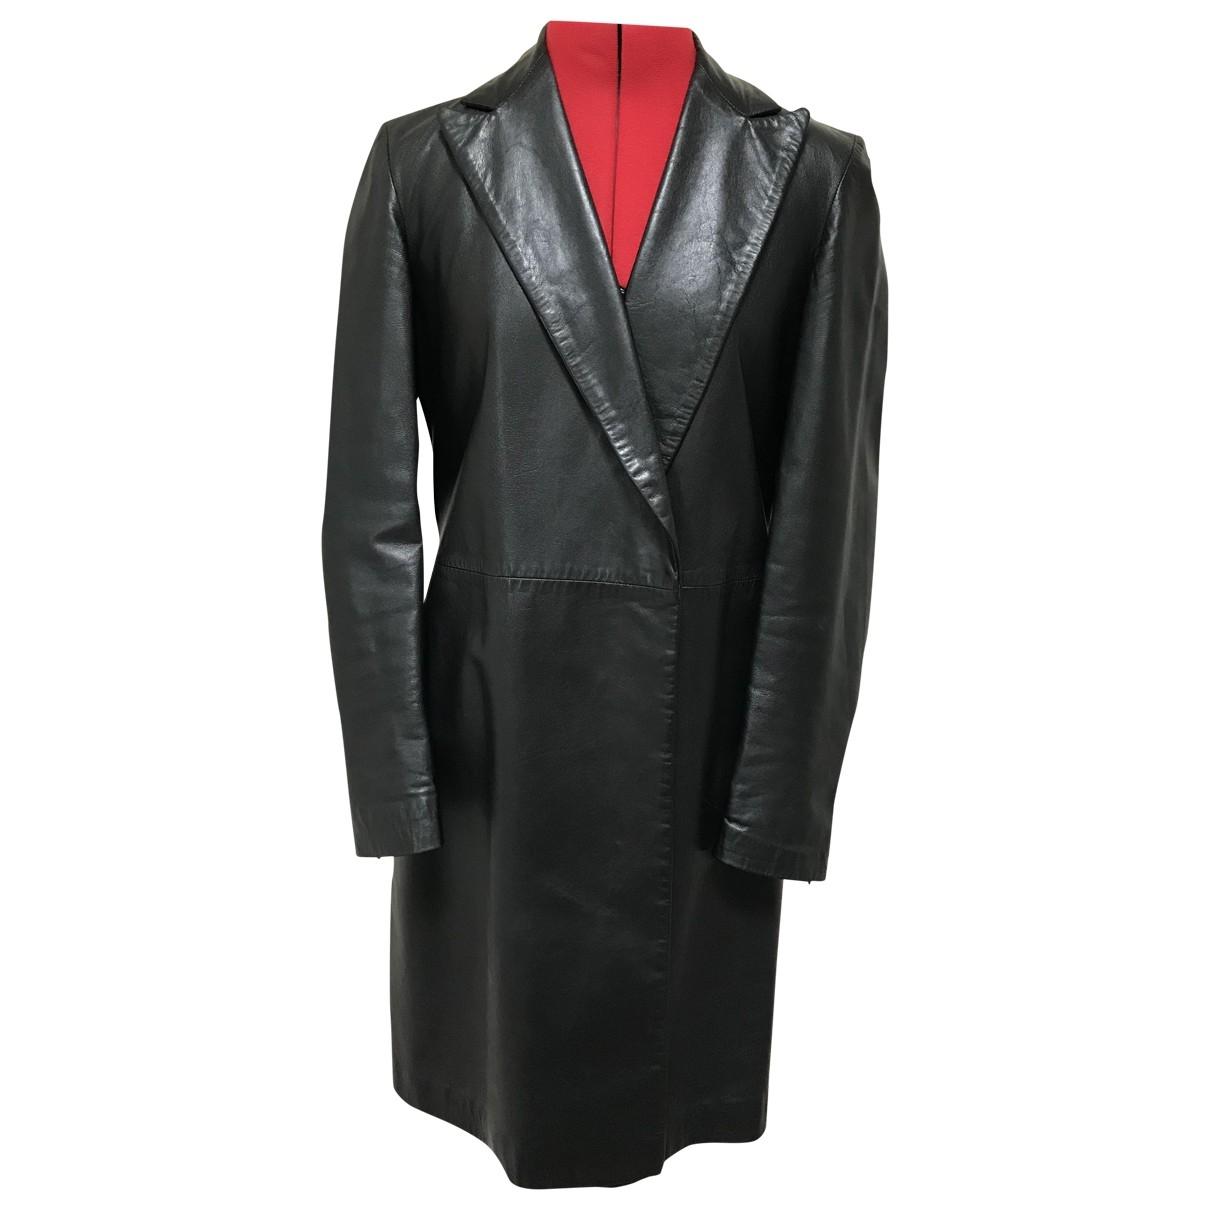 Versus - Manteau   pour femme en cuir - noir